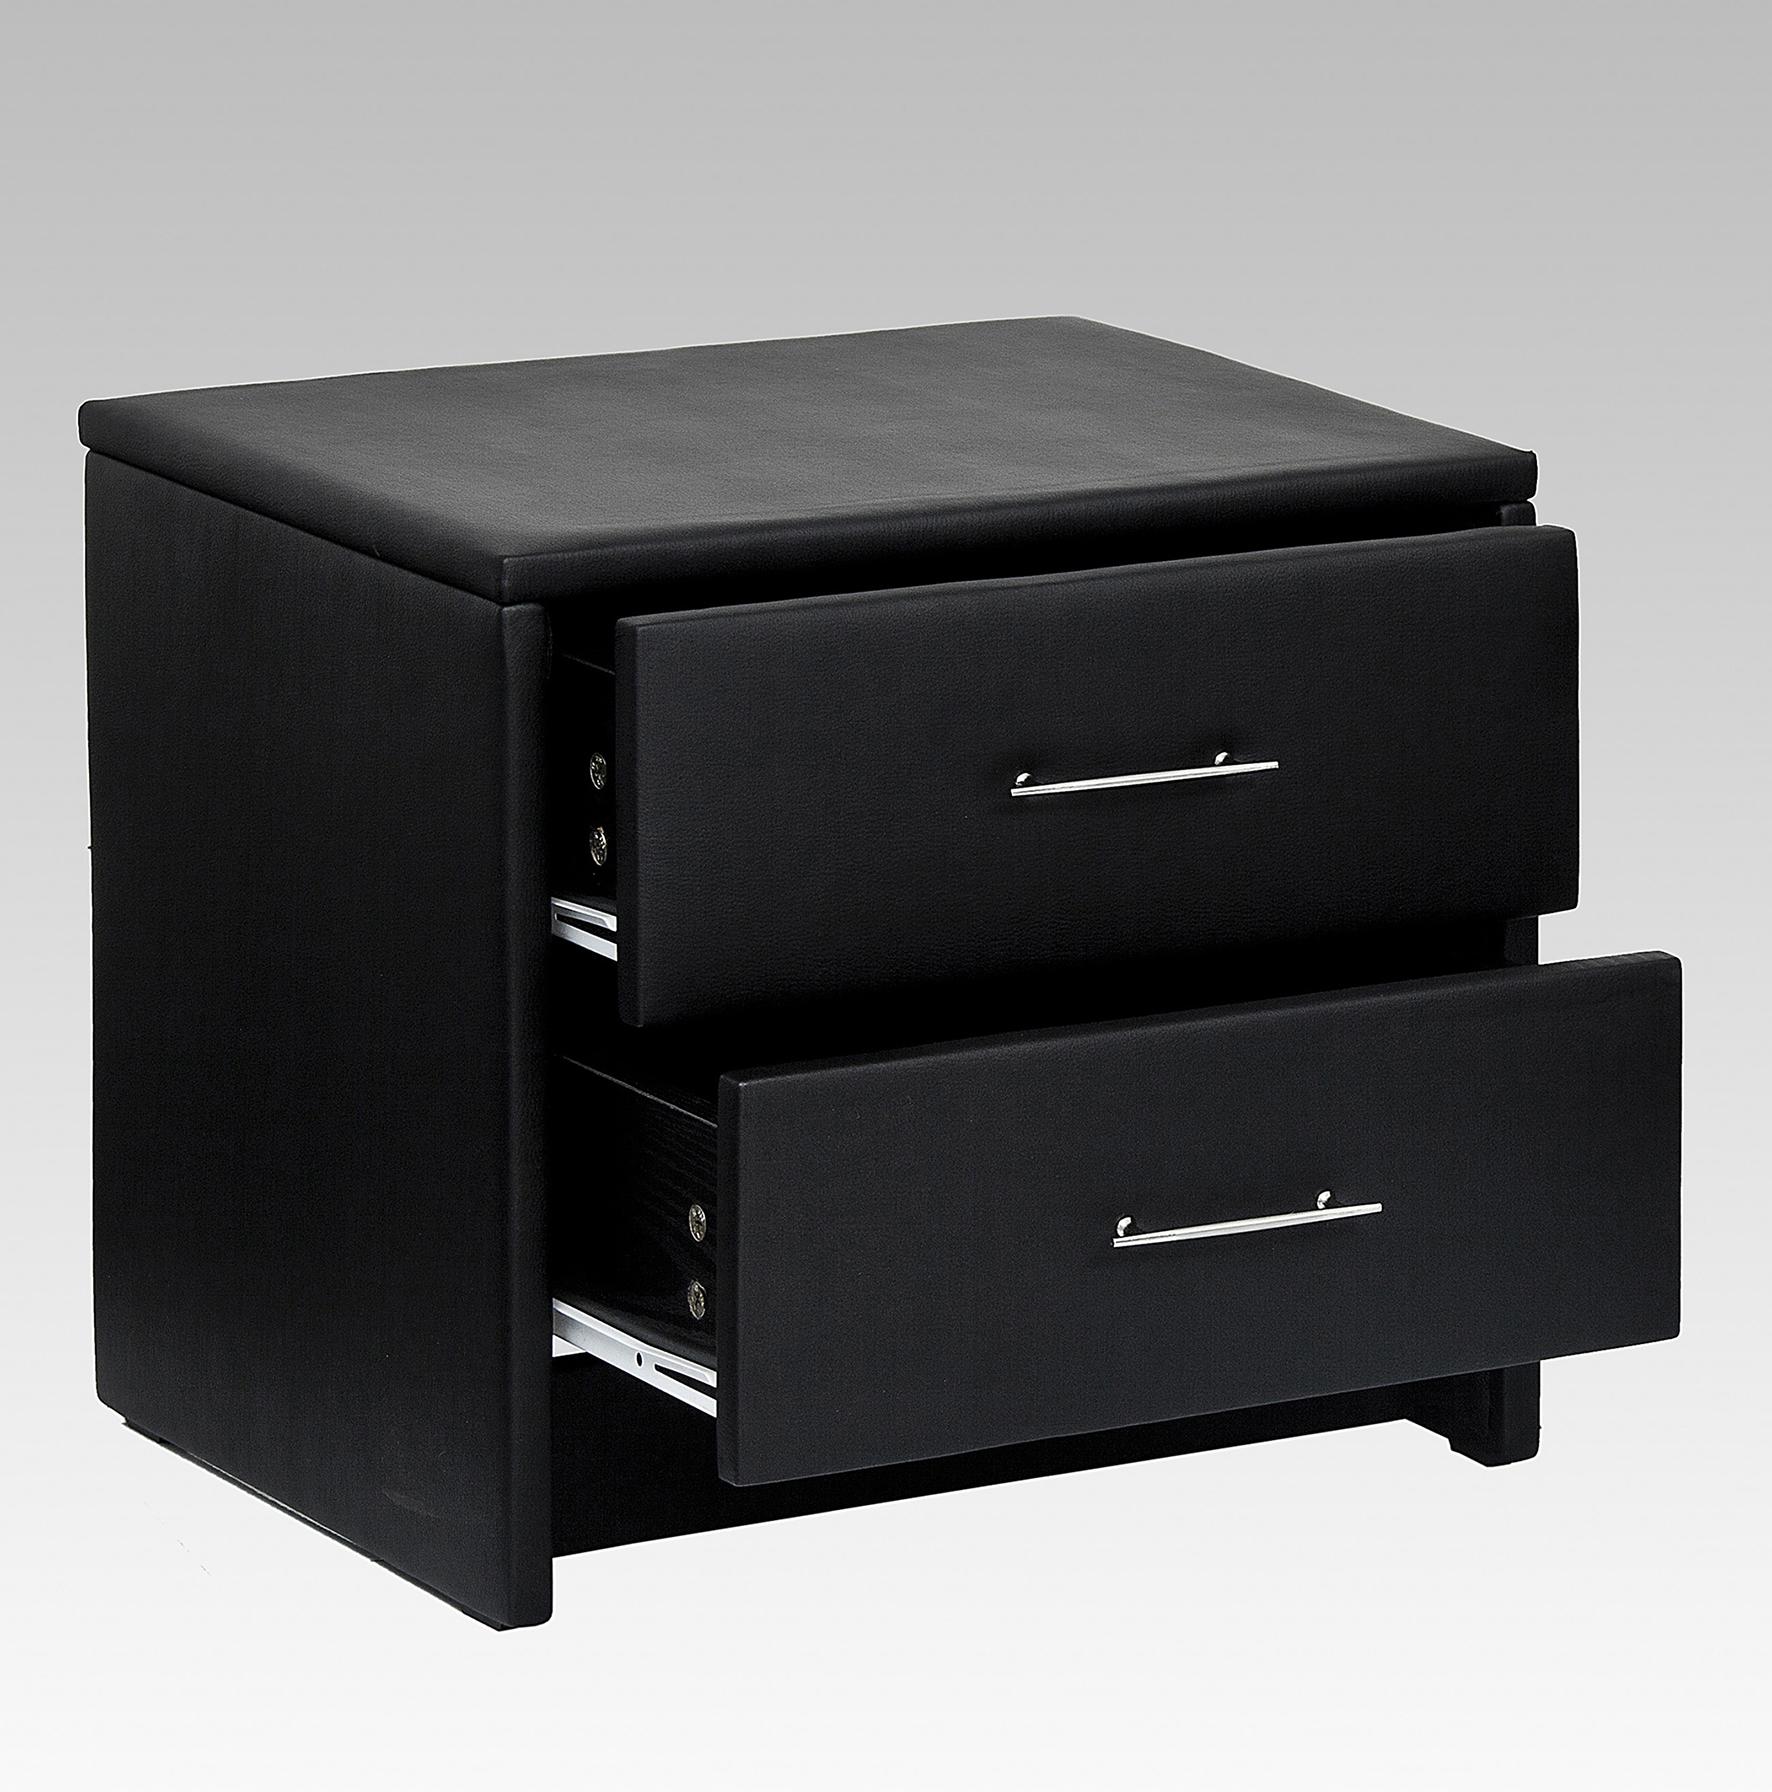 schlafzimmer m belhaus 24 online m bel kaufen qualit t zu fairen preisen kostenloser. Black Bedroom Furniture Sets. Home Design Ideas